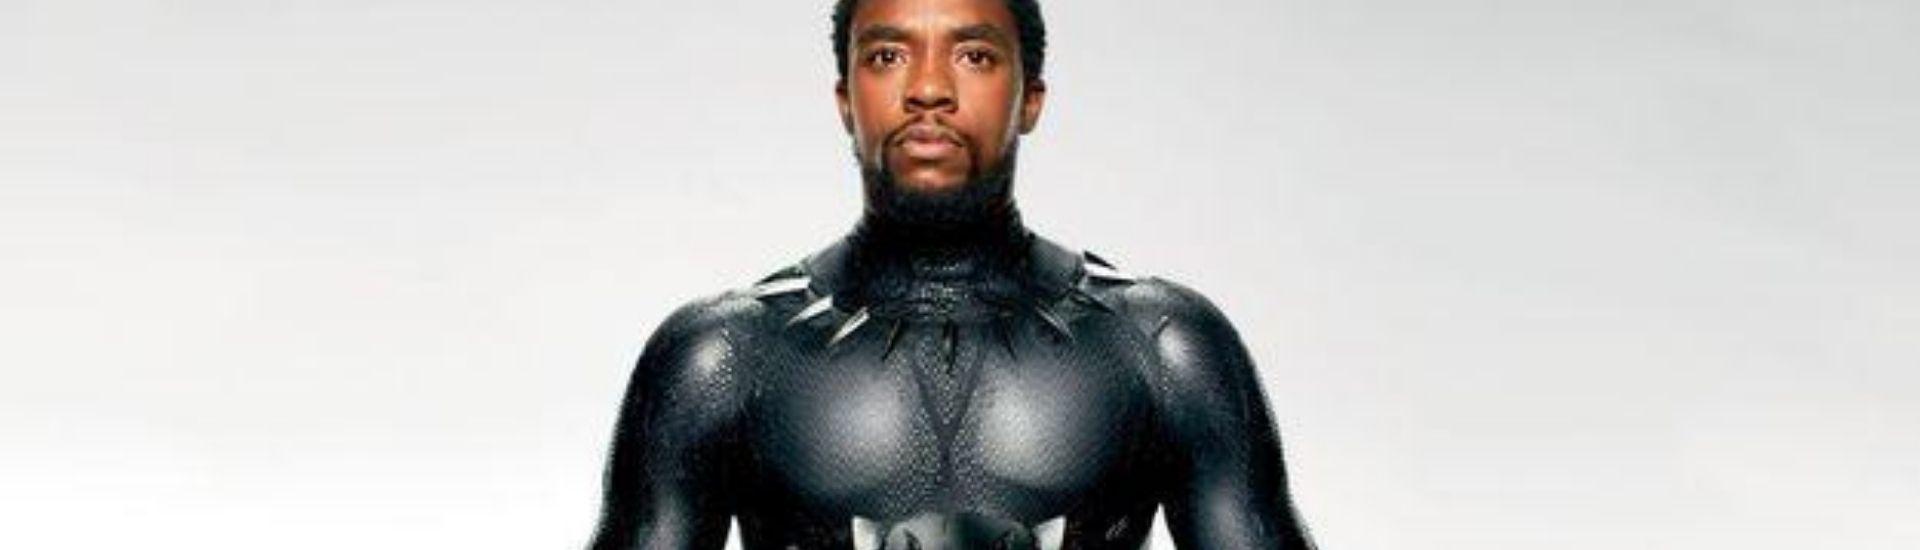 Chadwick Boseman (Black Panther roi T'Challa)